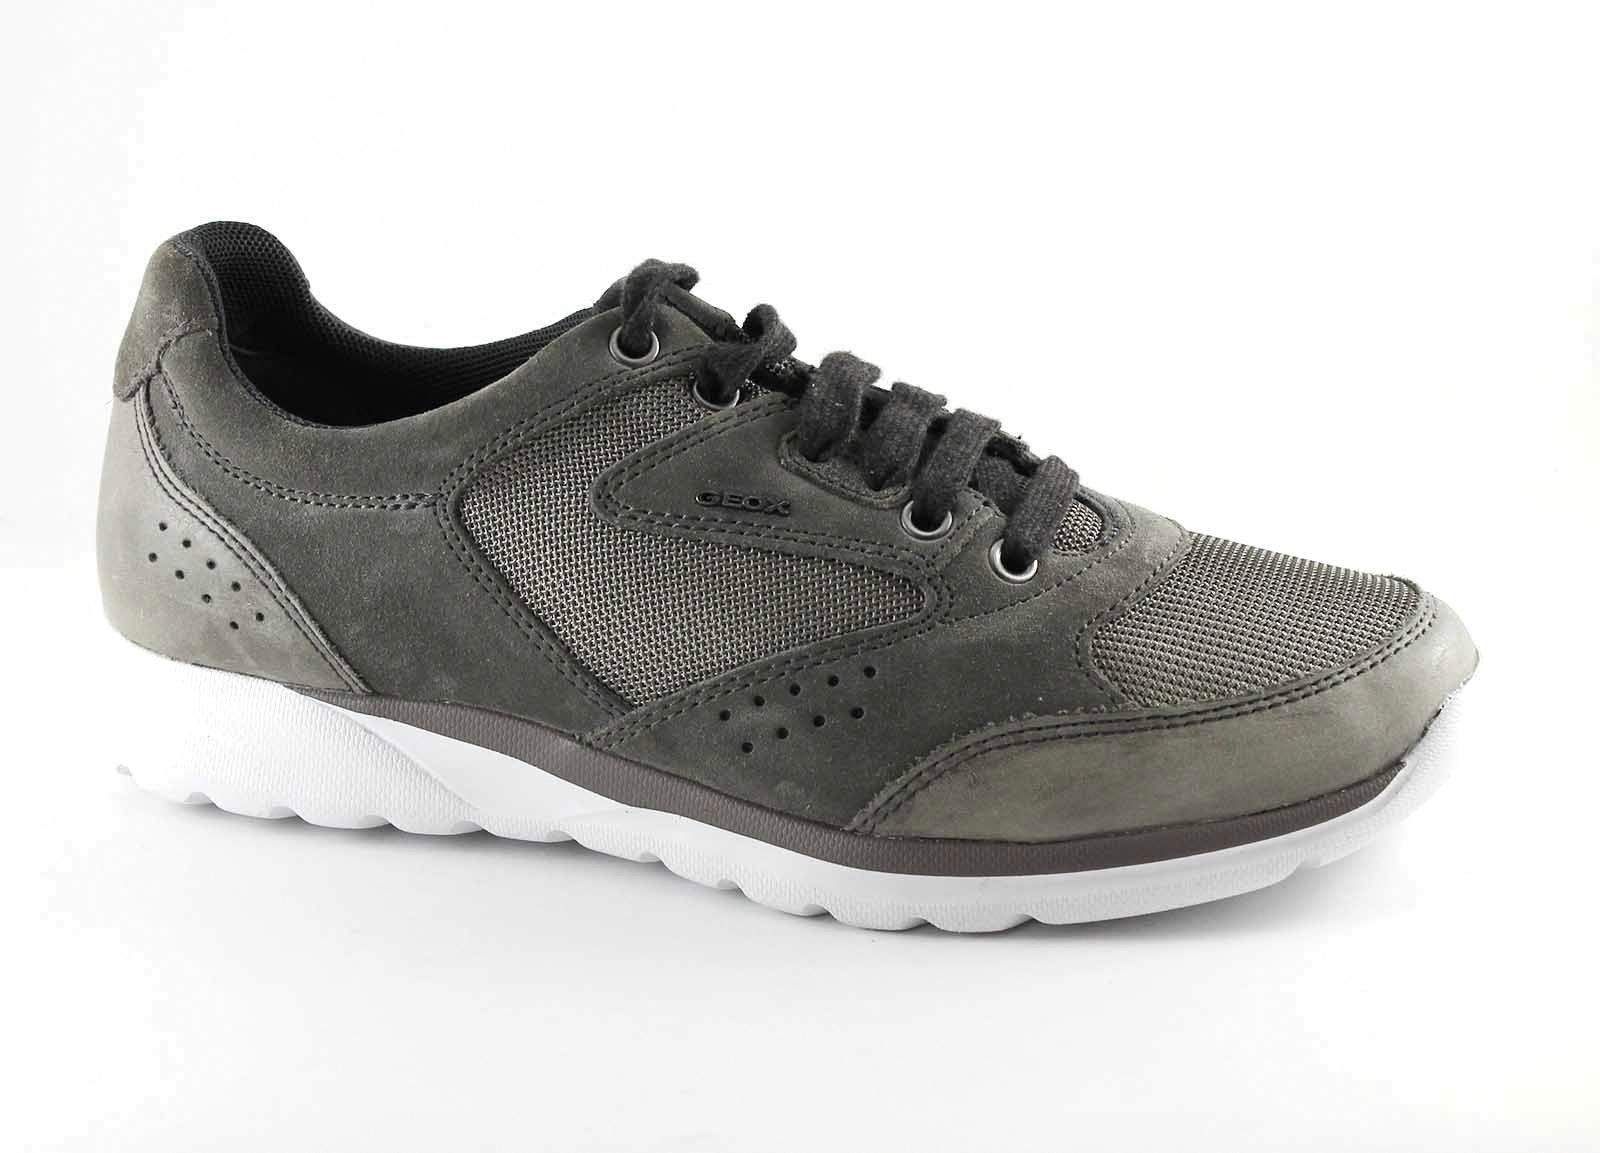 GEOX U620HA DAMIAN grey grigio traspirante scarpe uomo sportive lacci traspirante grigio c32b4b